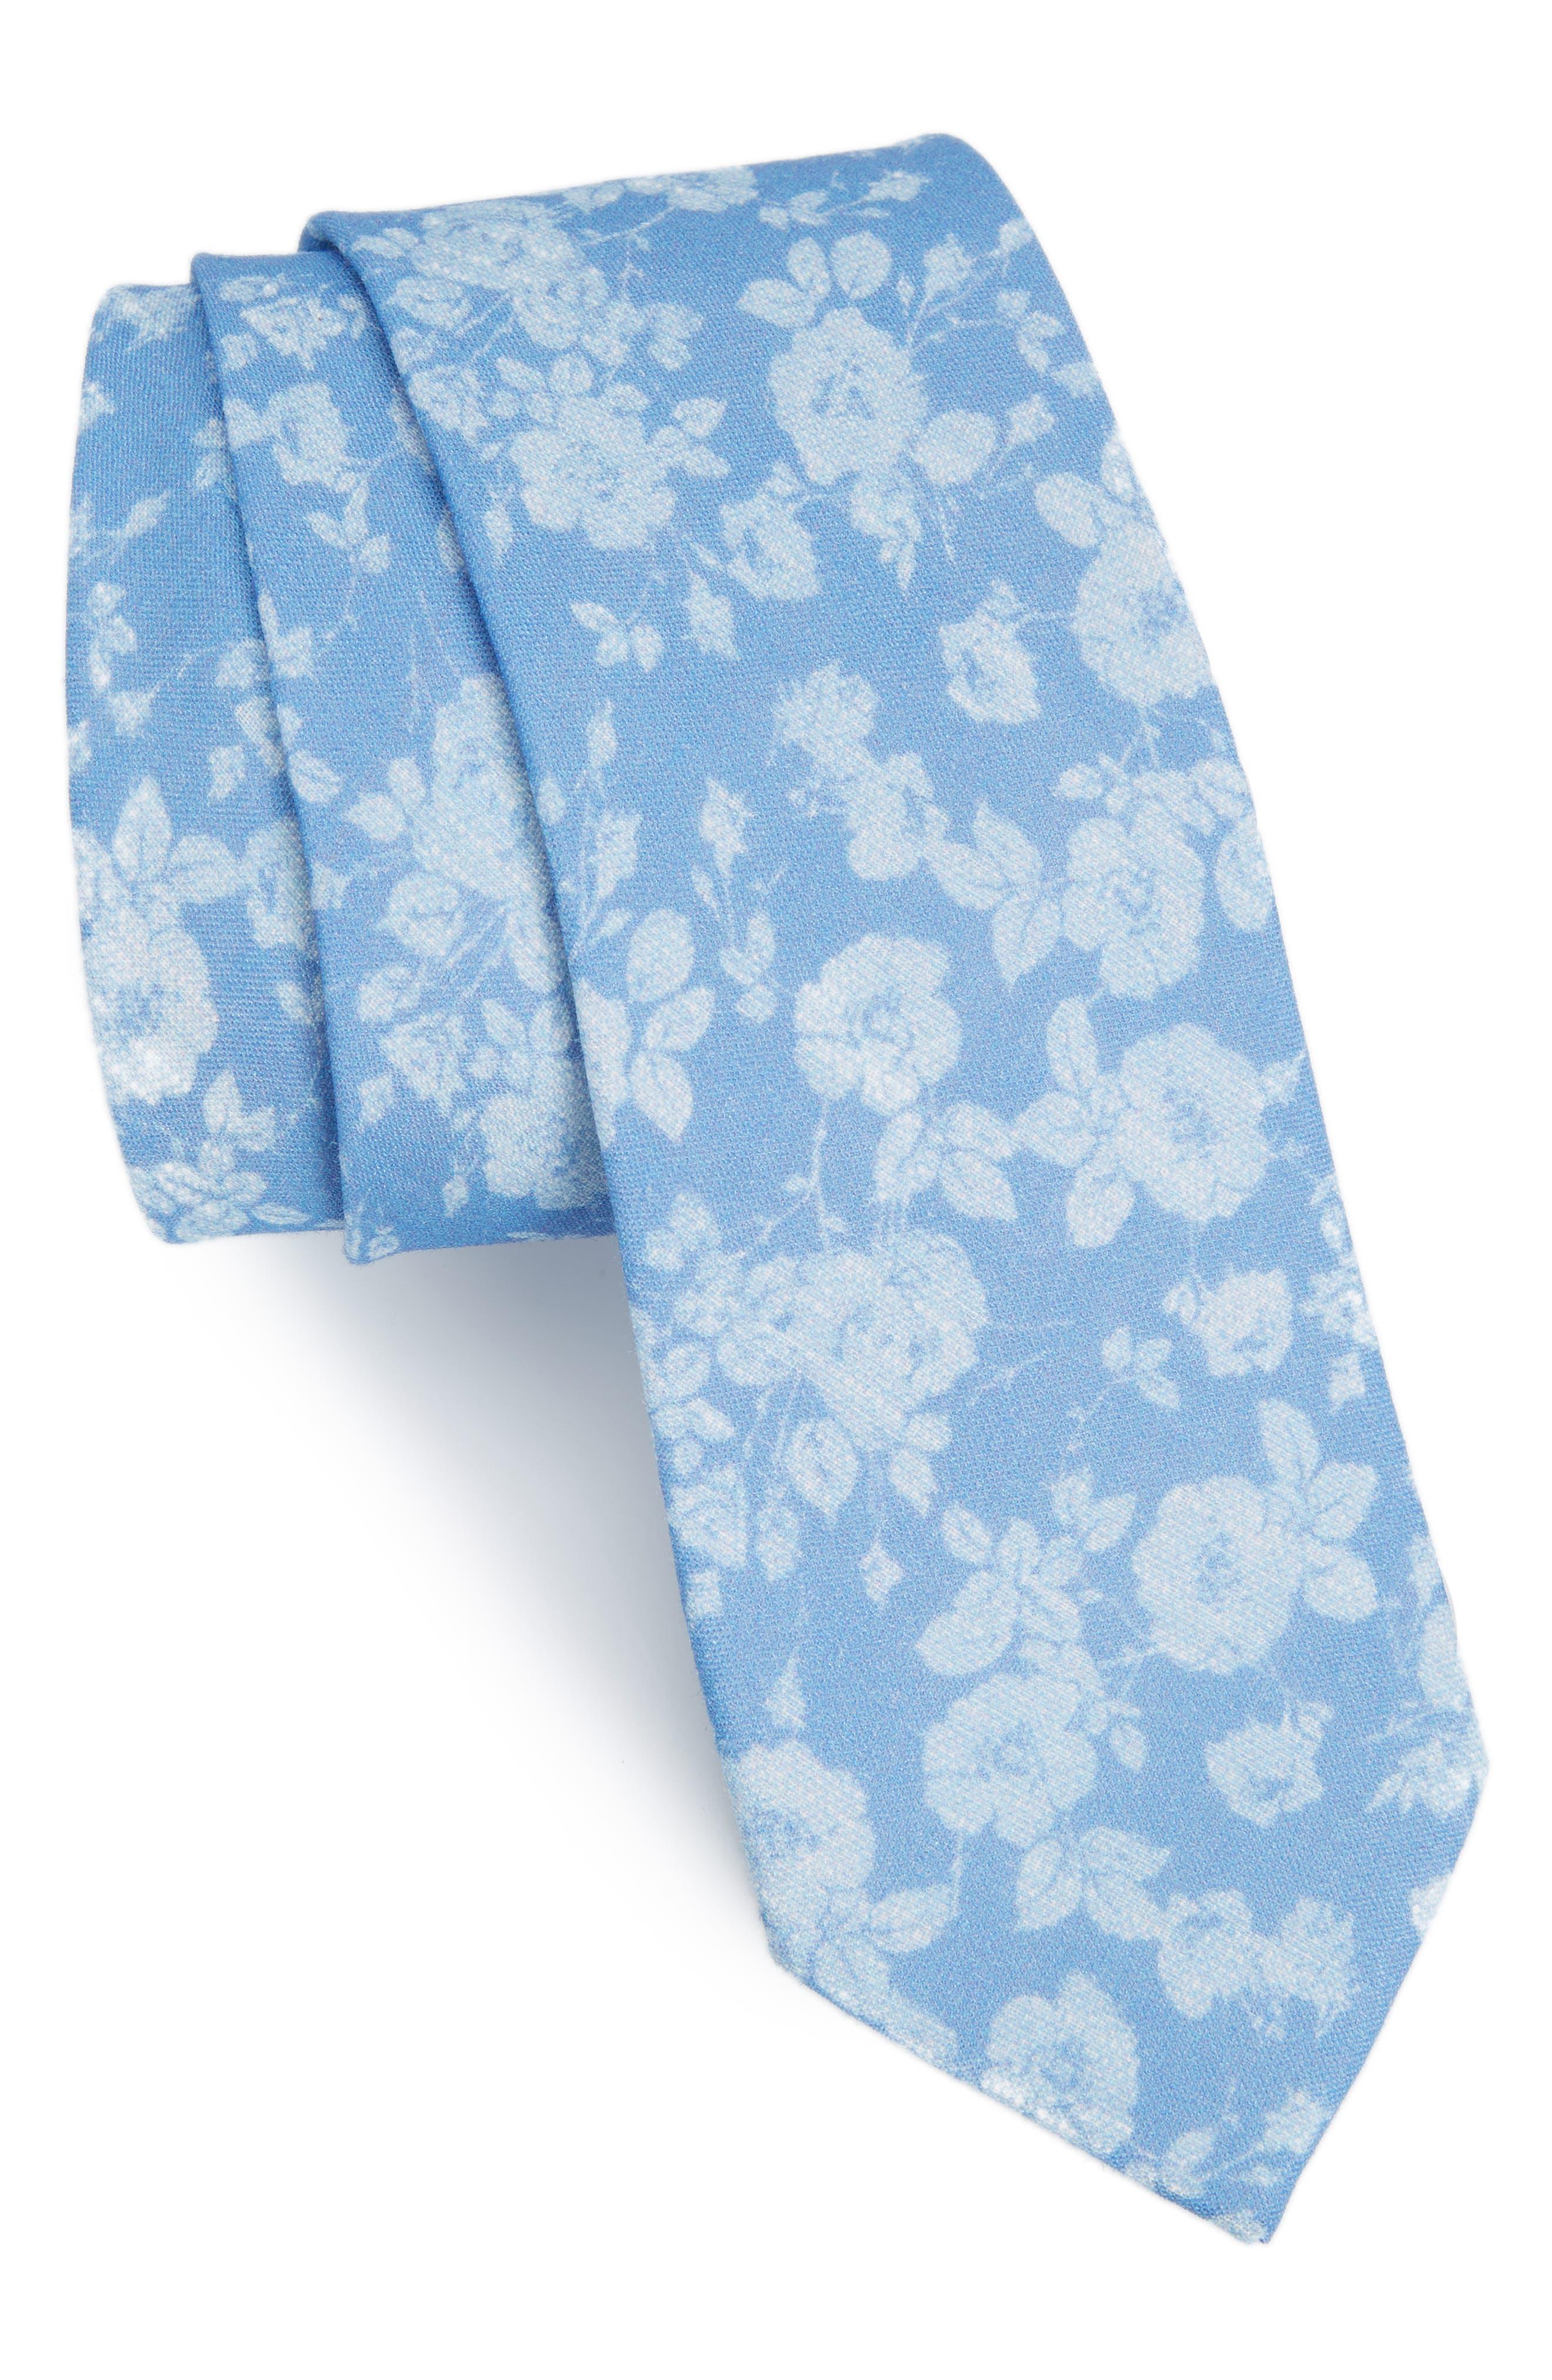 THE TIE BAR Buds Linen Tie